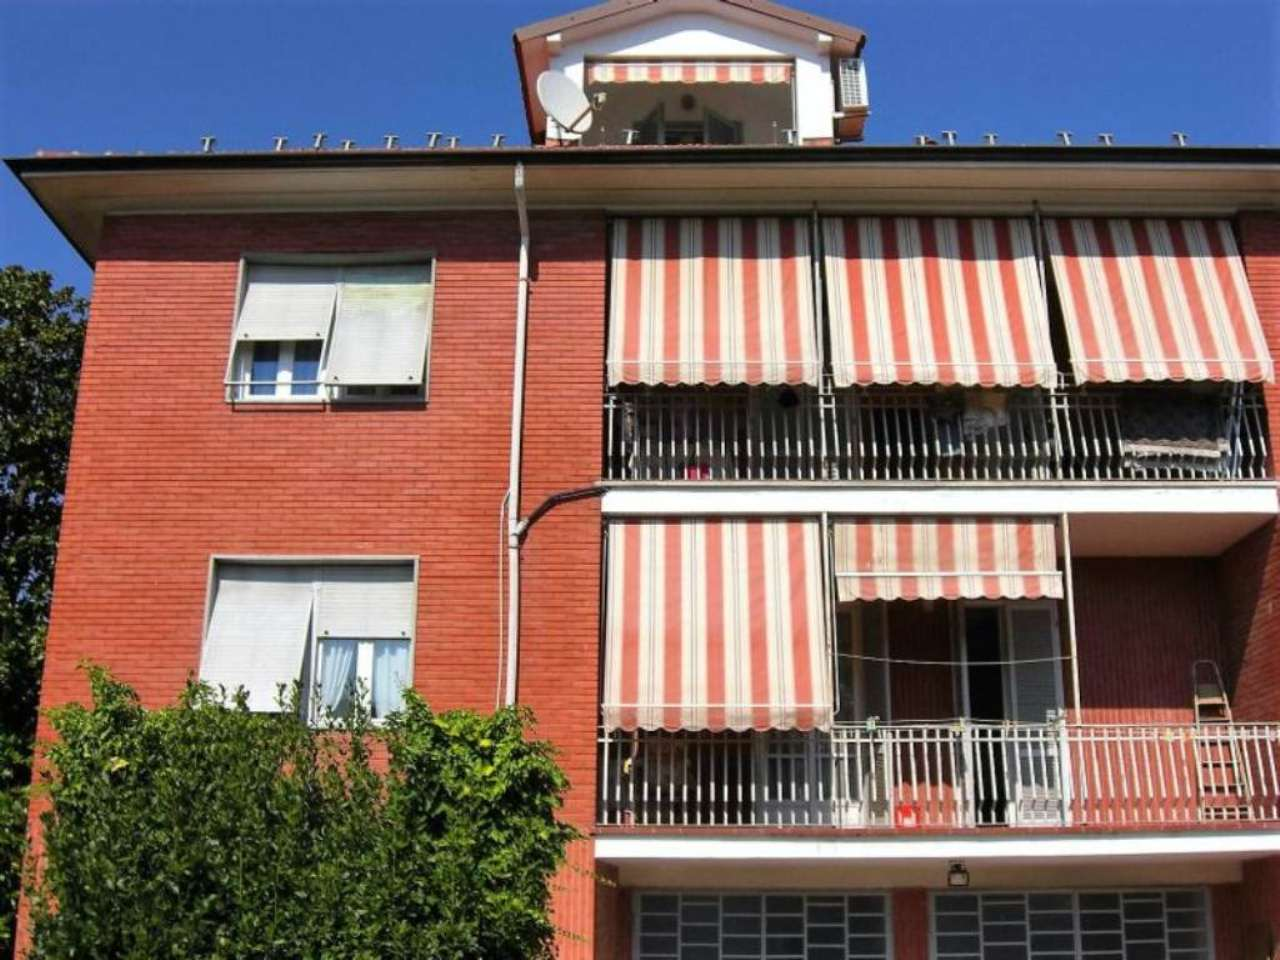 Ufficio / Studio in affitto a Bra, 6 locali, prezzo € 550 | Cambio Casa.it